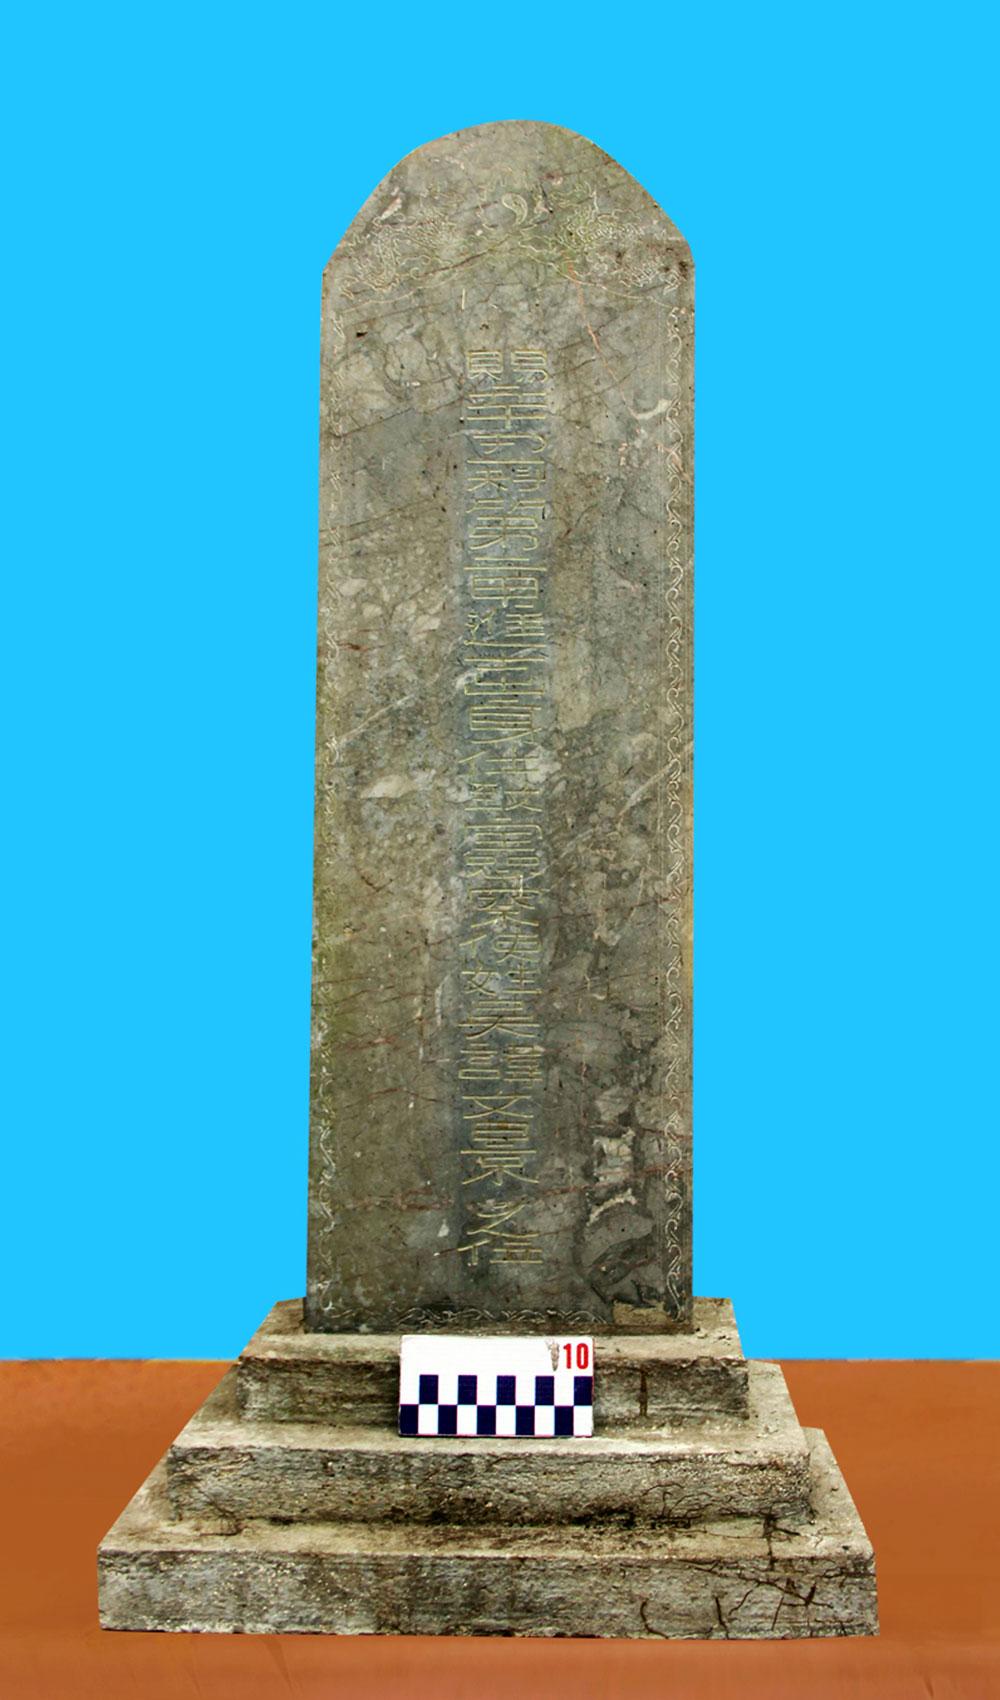 Tiến sĩ,  Nguyễn Nghĩa Lập, Thượng thư,  4 bộ dưới triều Mạc